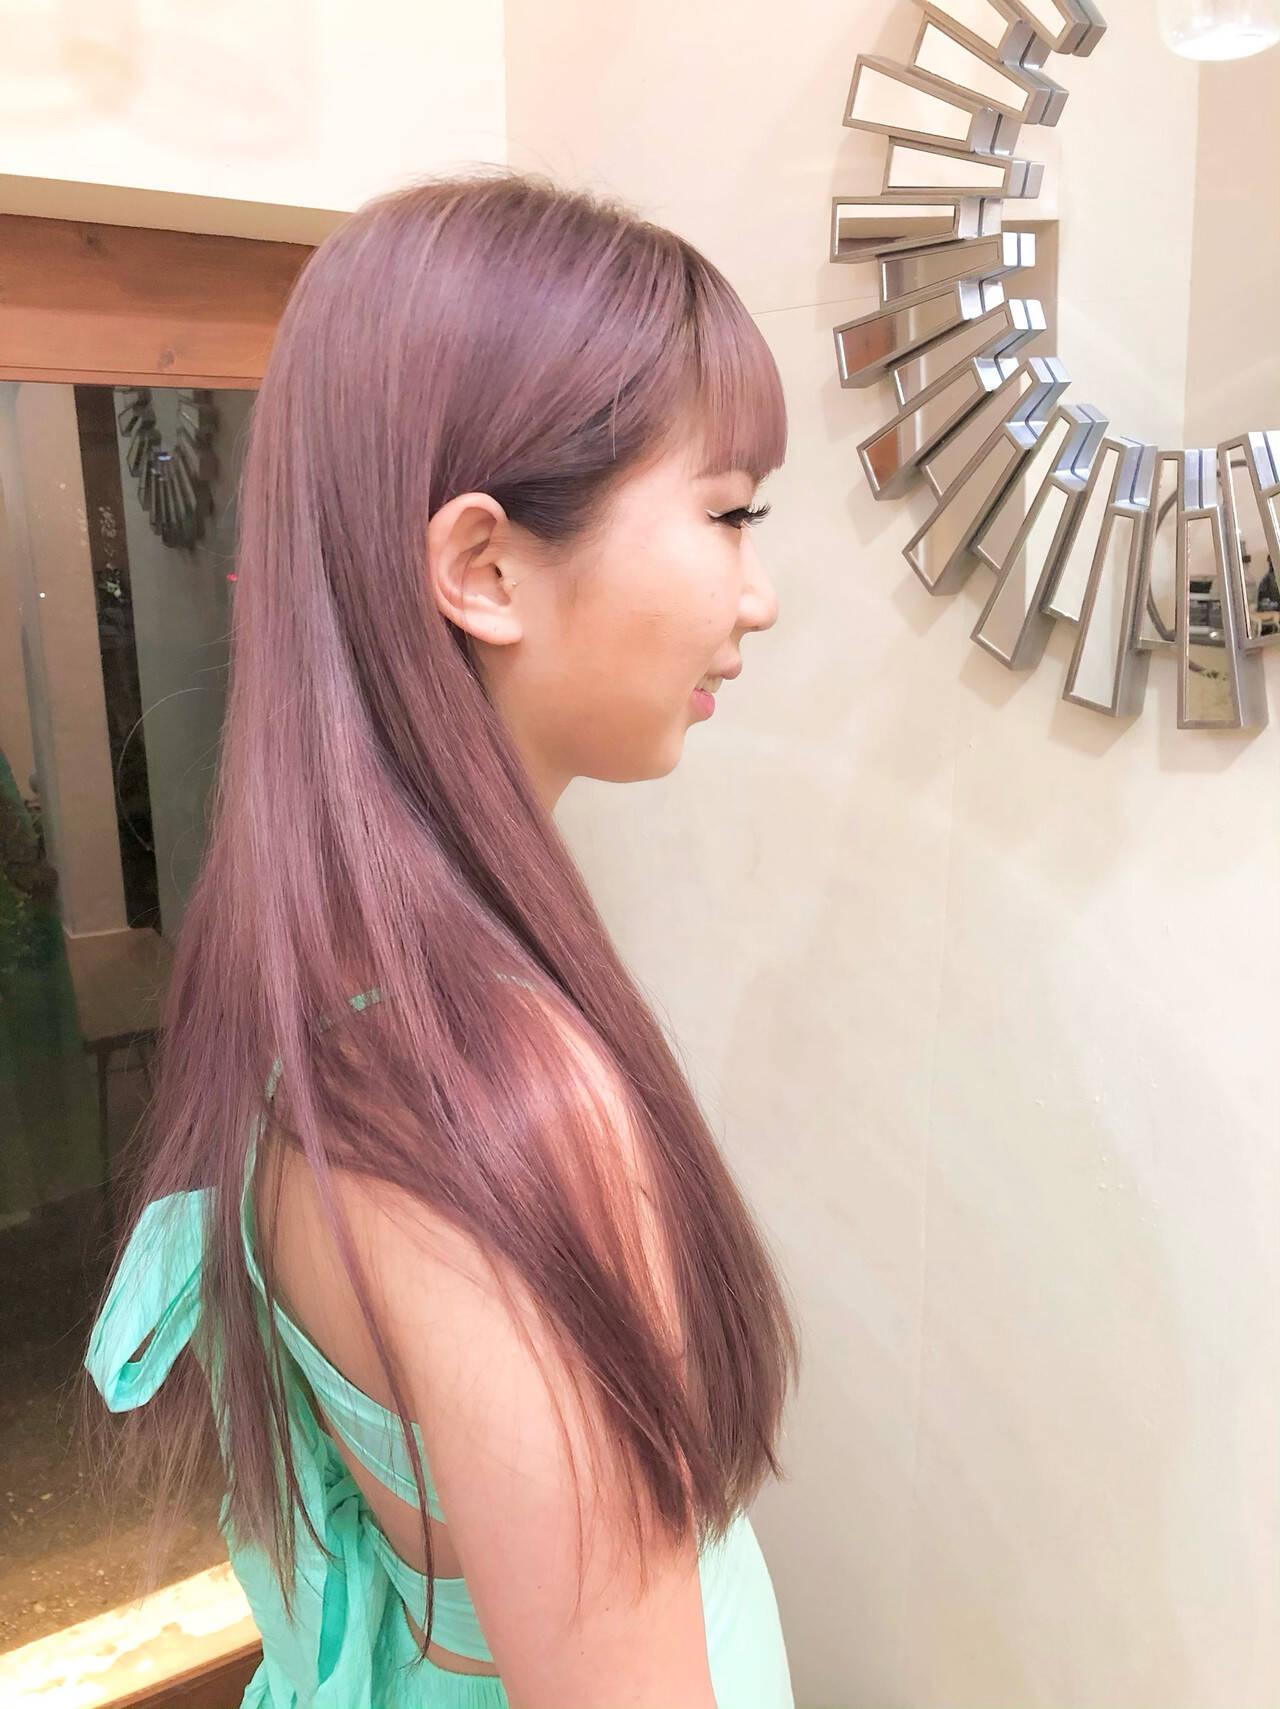 ハイライト グラデーションカラー ロング ハイトーンカラーヘアスタイルや髪型の写真・画像